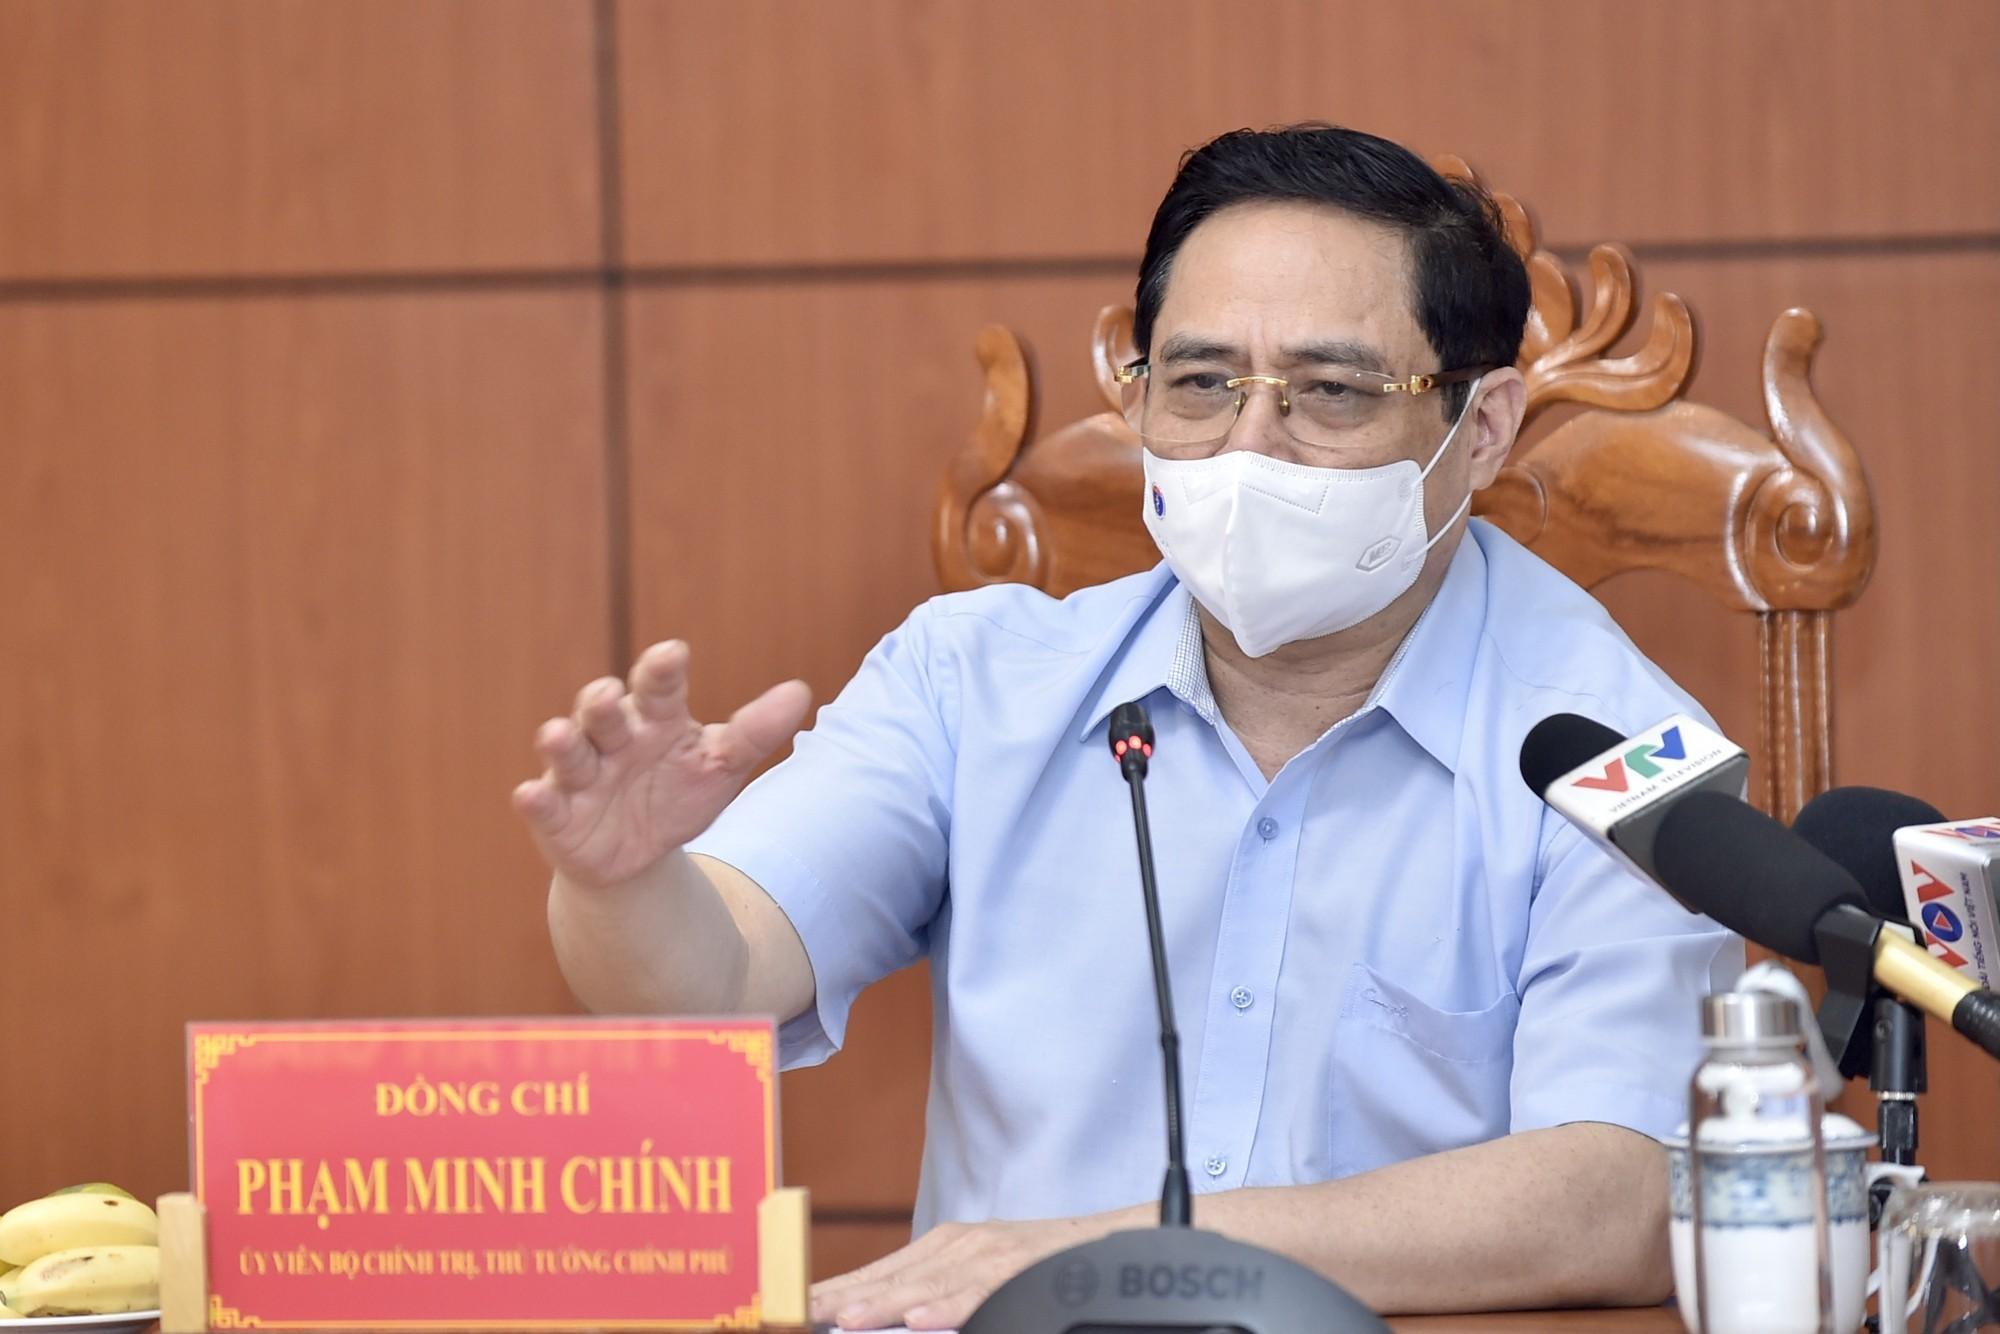 Thủ tướng: Nguy cơ dịch bệnh lây lan ra toàn quốc đã hiện hữu